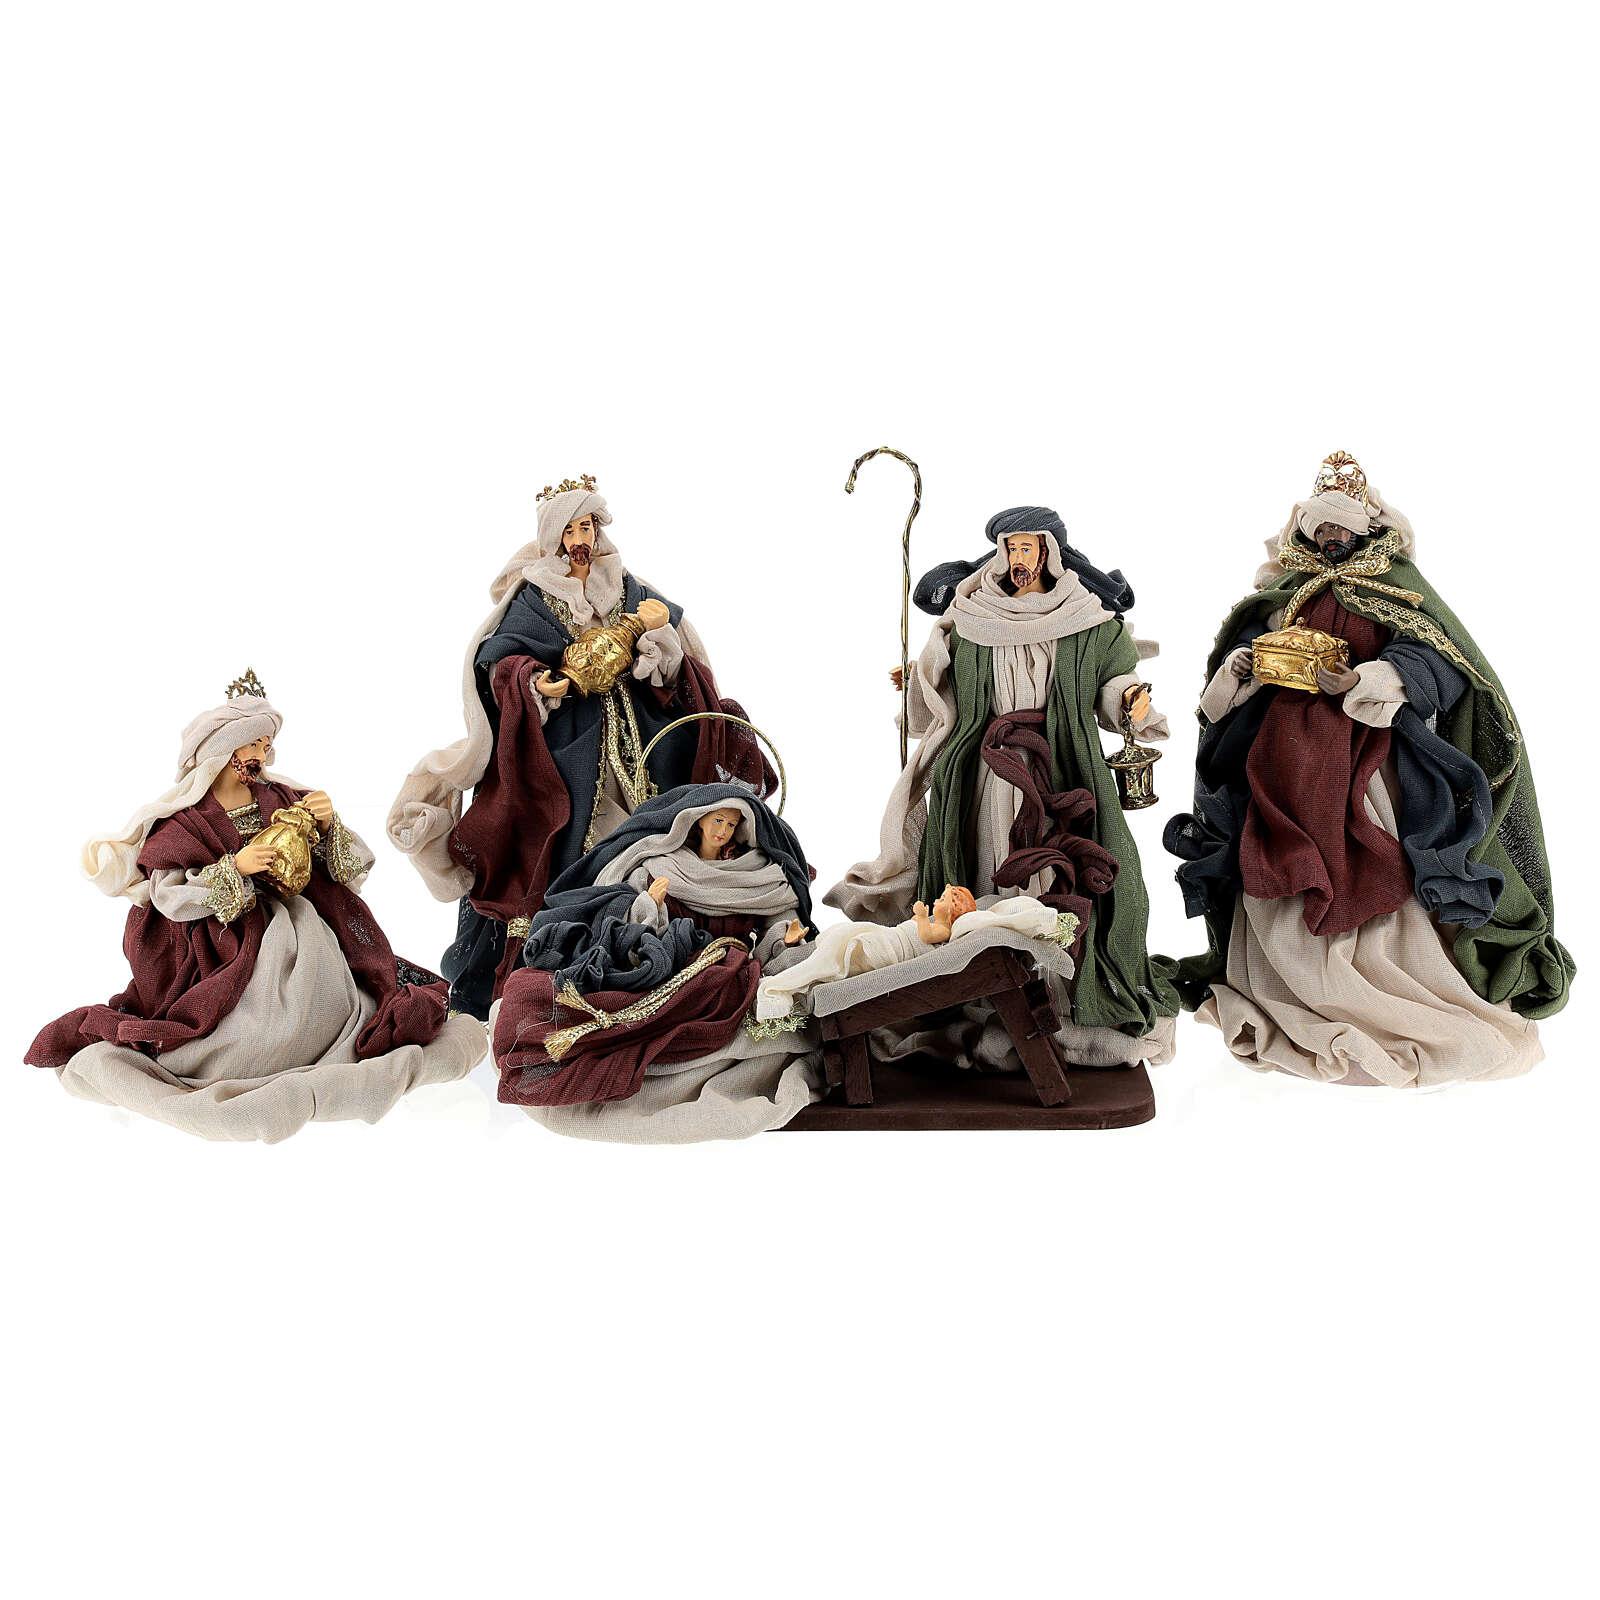 Natività 6 pezzi colori tradizionali resina stoffa 30 cm shabby chic 4